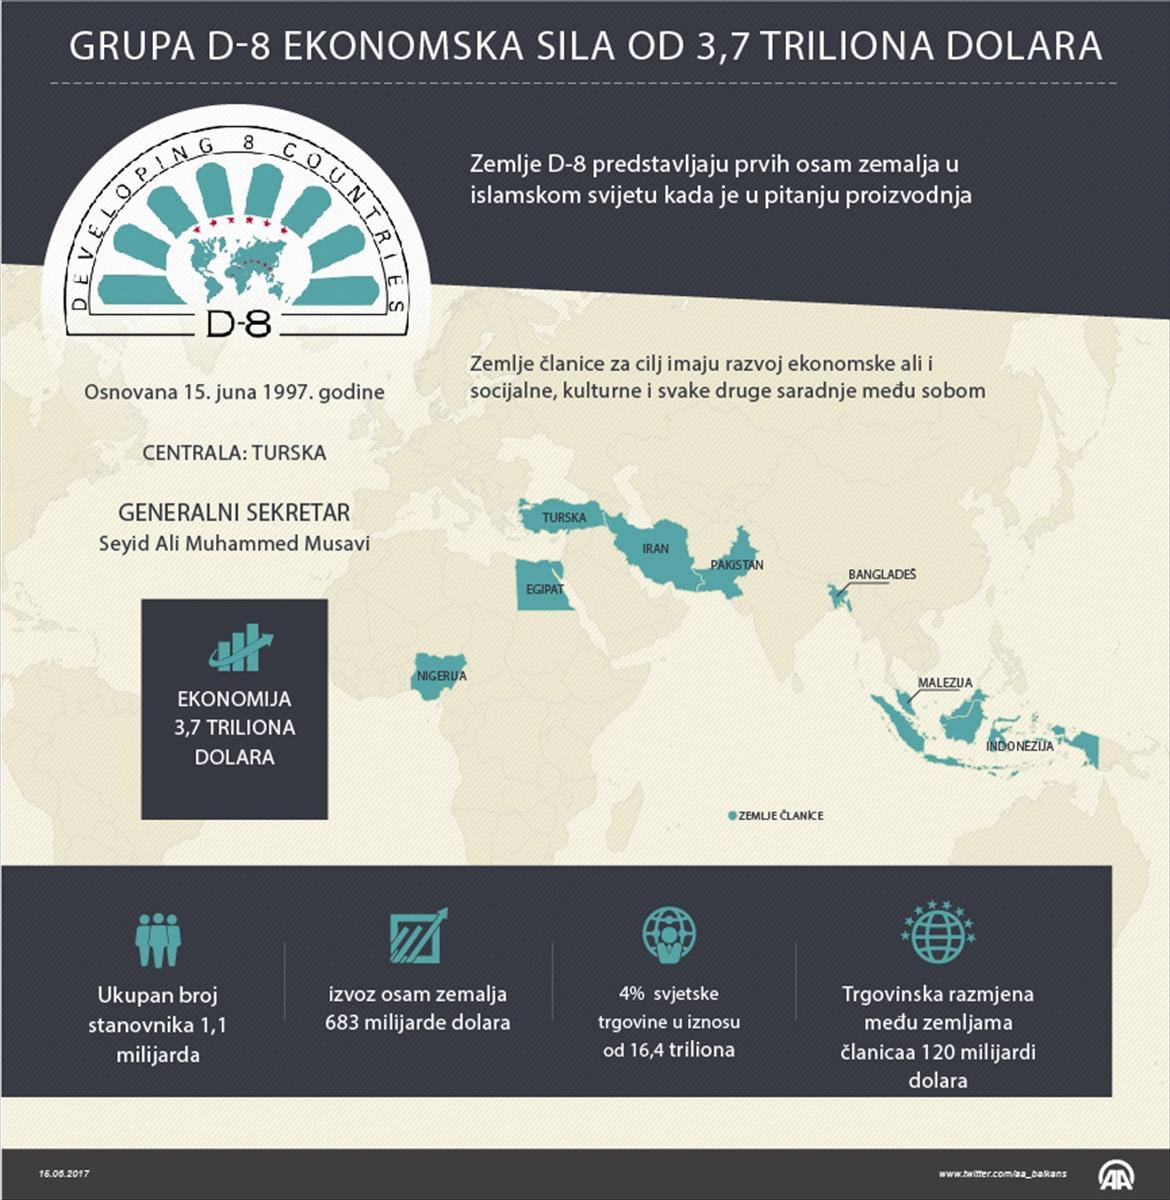 Erbakanov projekat: Države D-8 – ekonomska sila od 3,7 triliona dolara